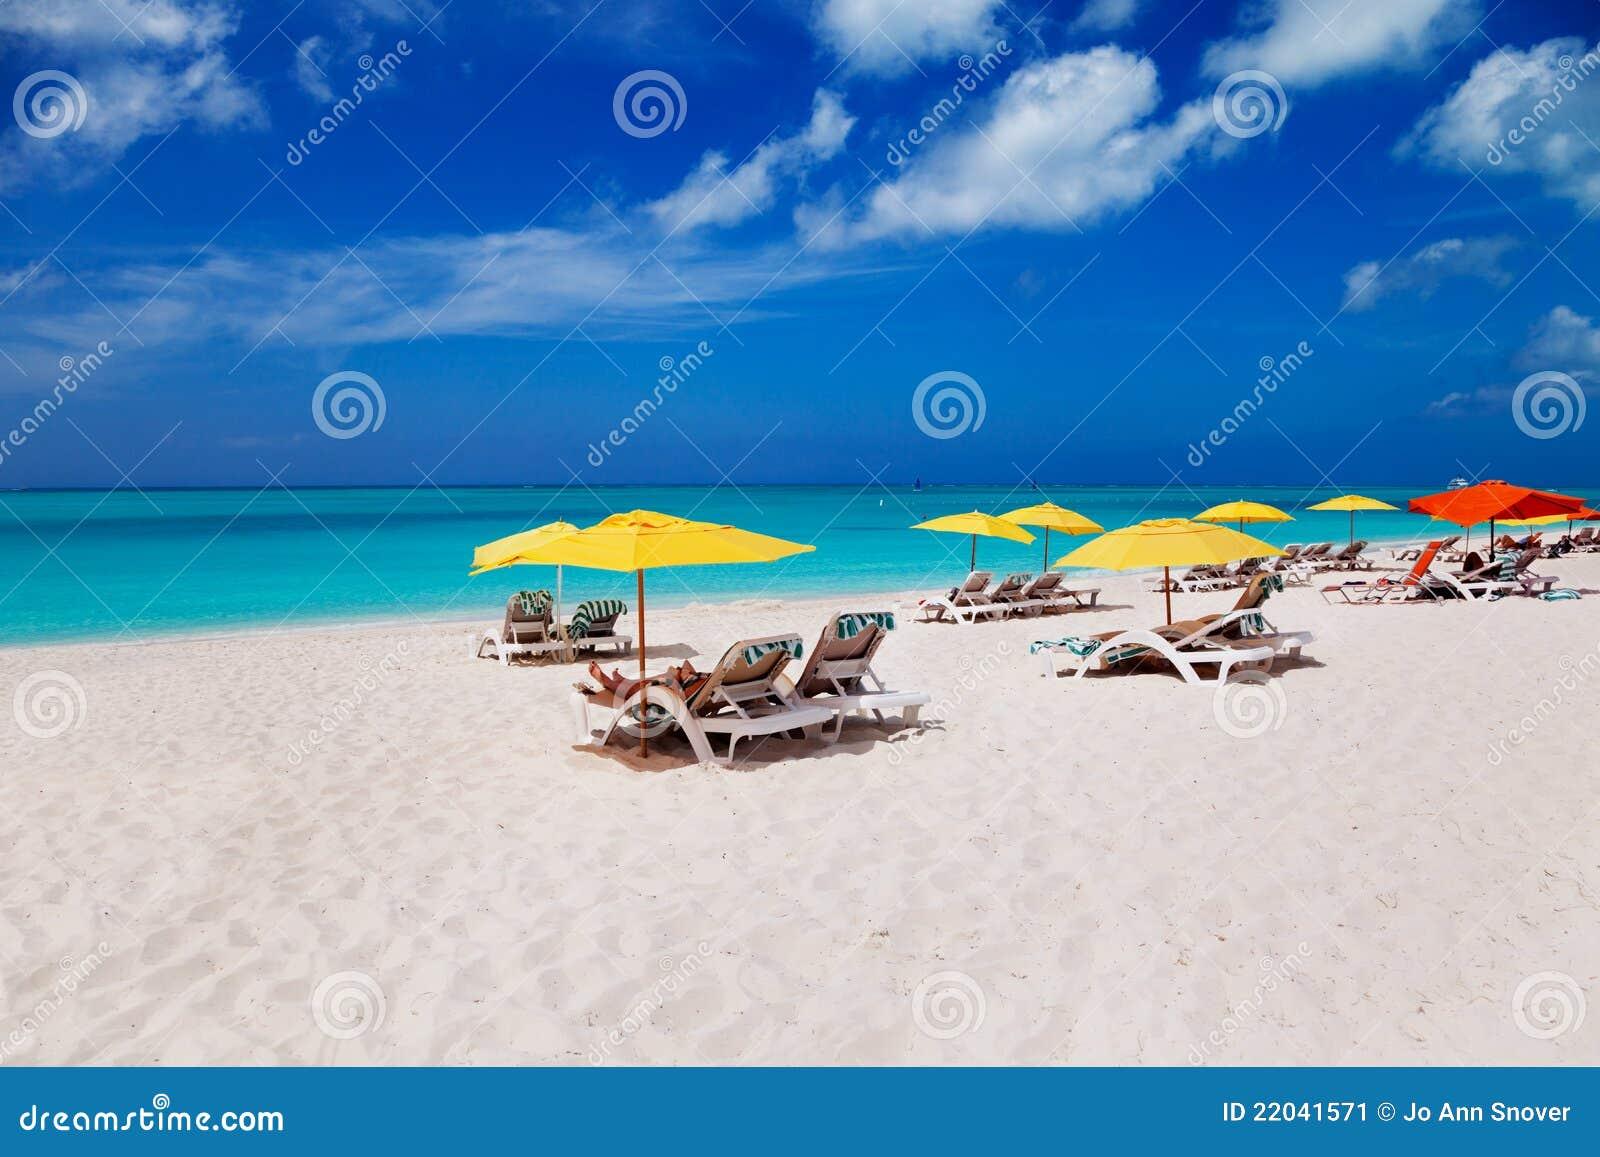 Het Strand, de Turken & Caicos van de Baai van de gunst